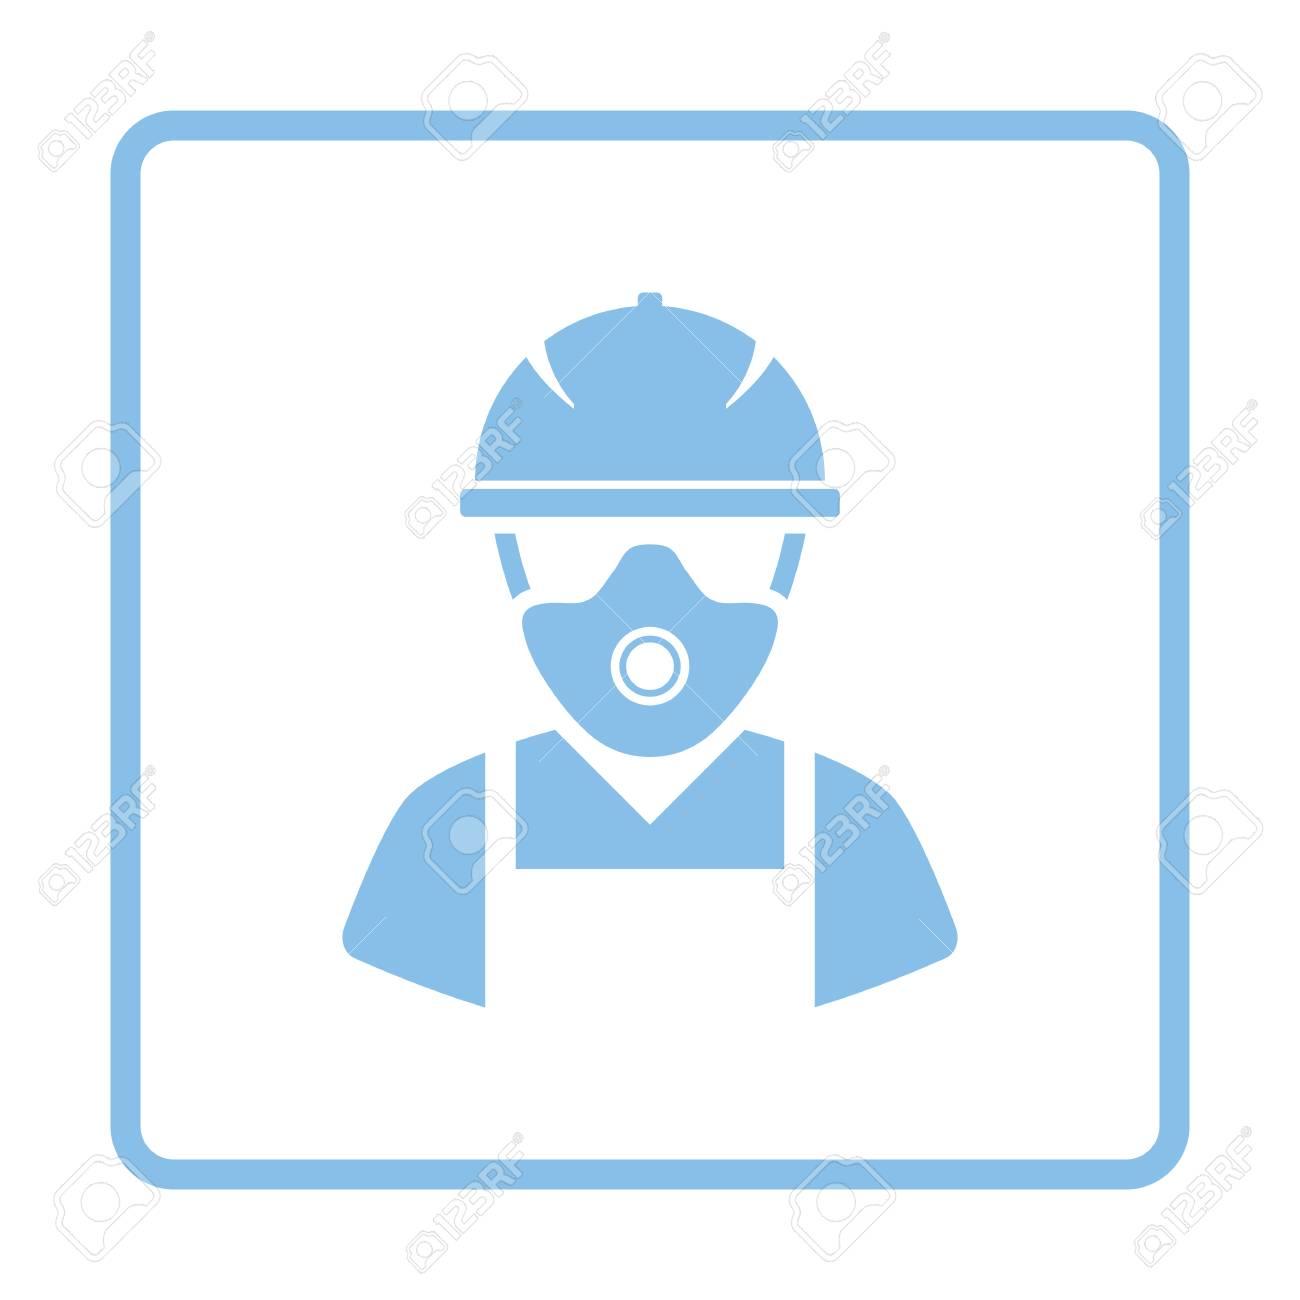 Icono De Trabajador De Reparación. Diseño De Marco Azul. Ilustración ...